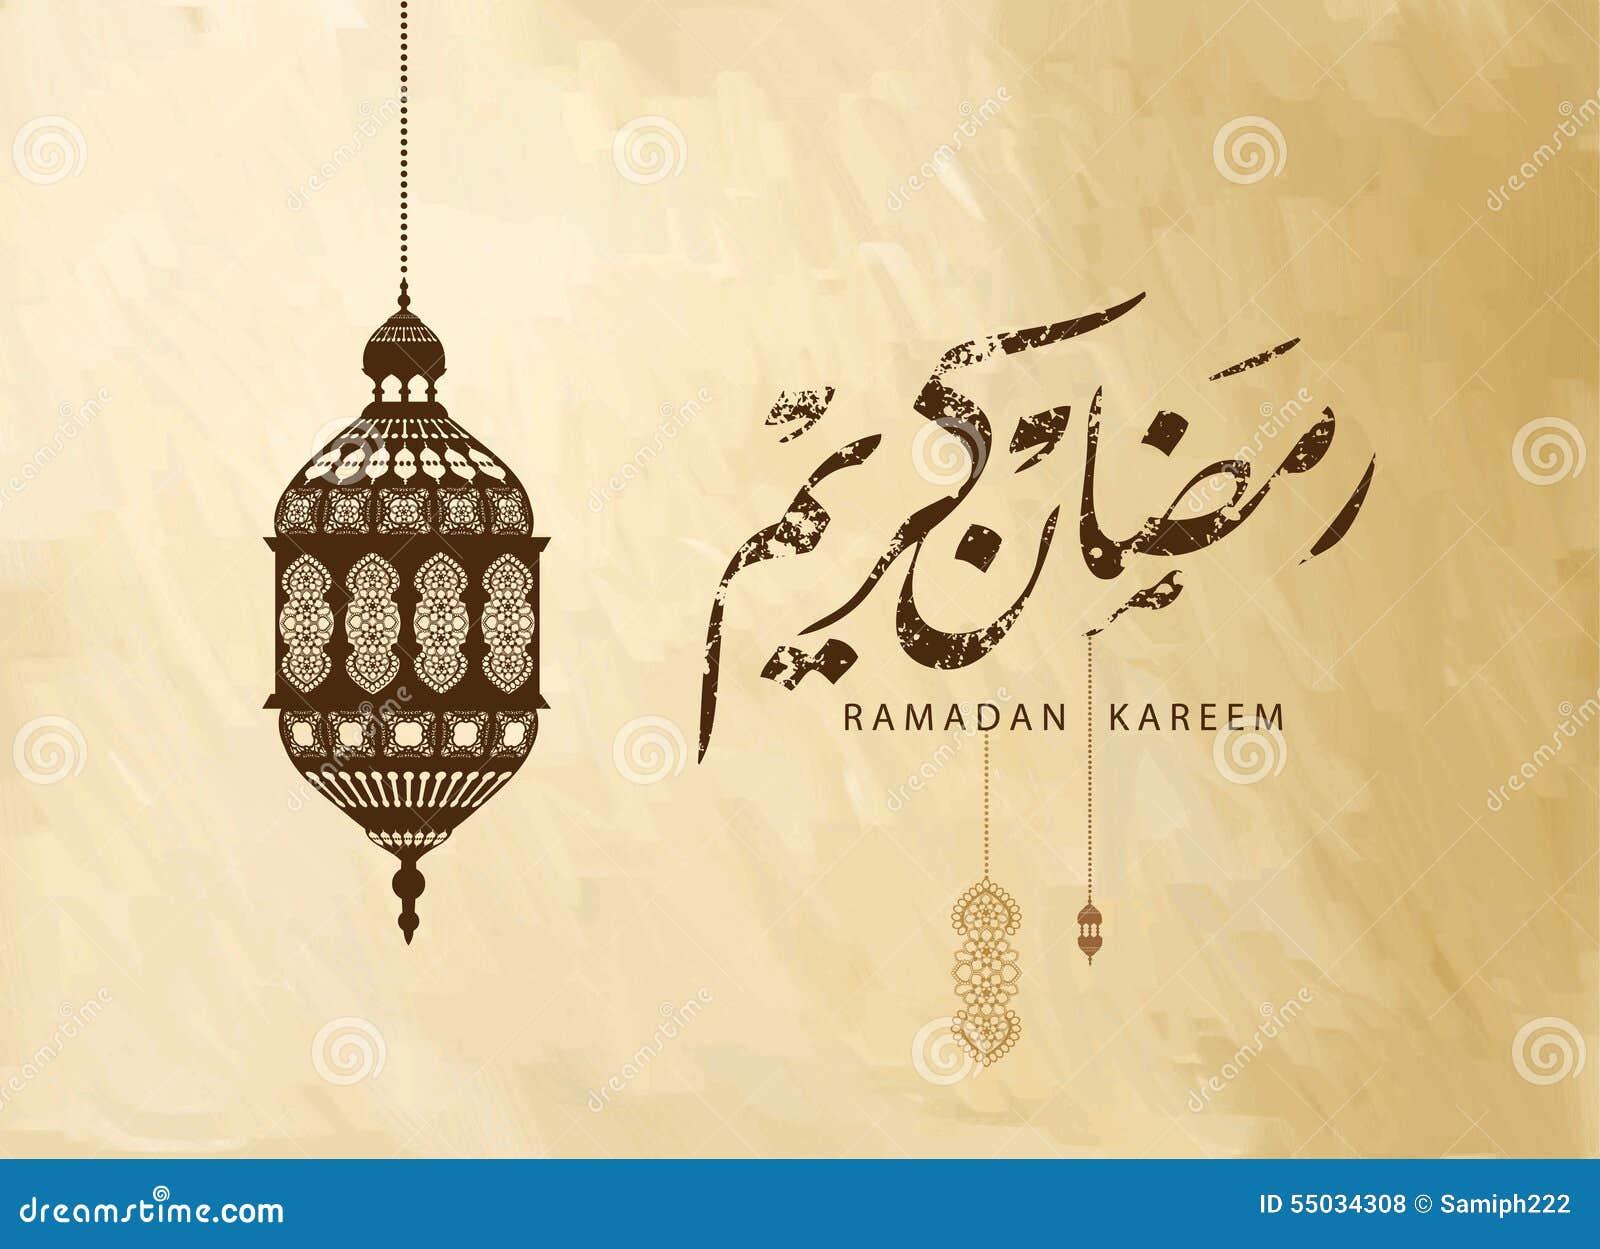 Lantern of ramadan ramadan kareem beautiful greeting card stock lantern of ramadan ramadan kareem beautiful greeting card decoration fasting m4hsunfo